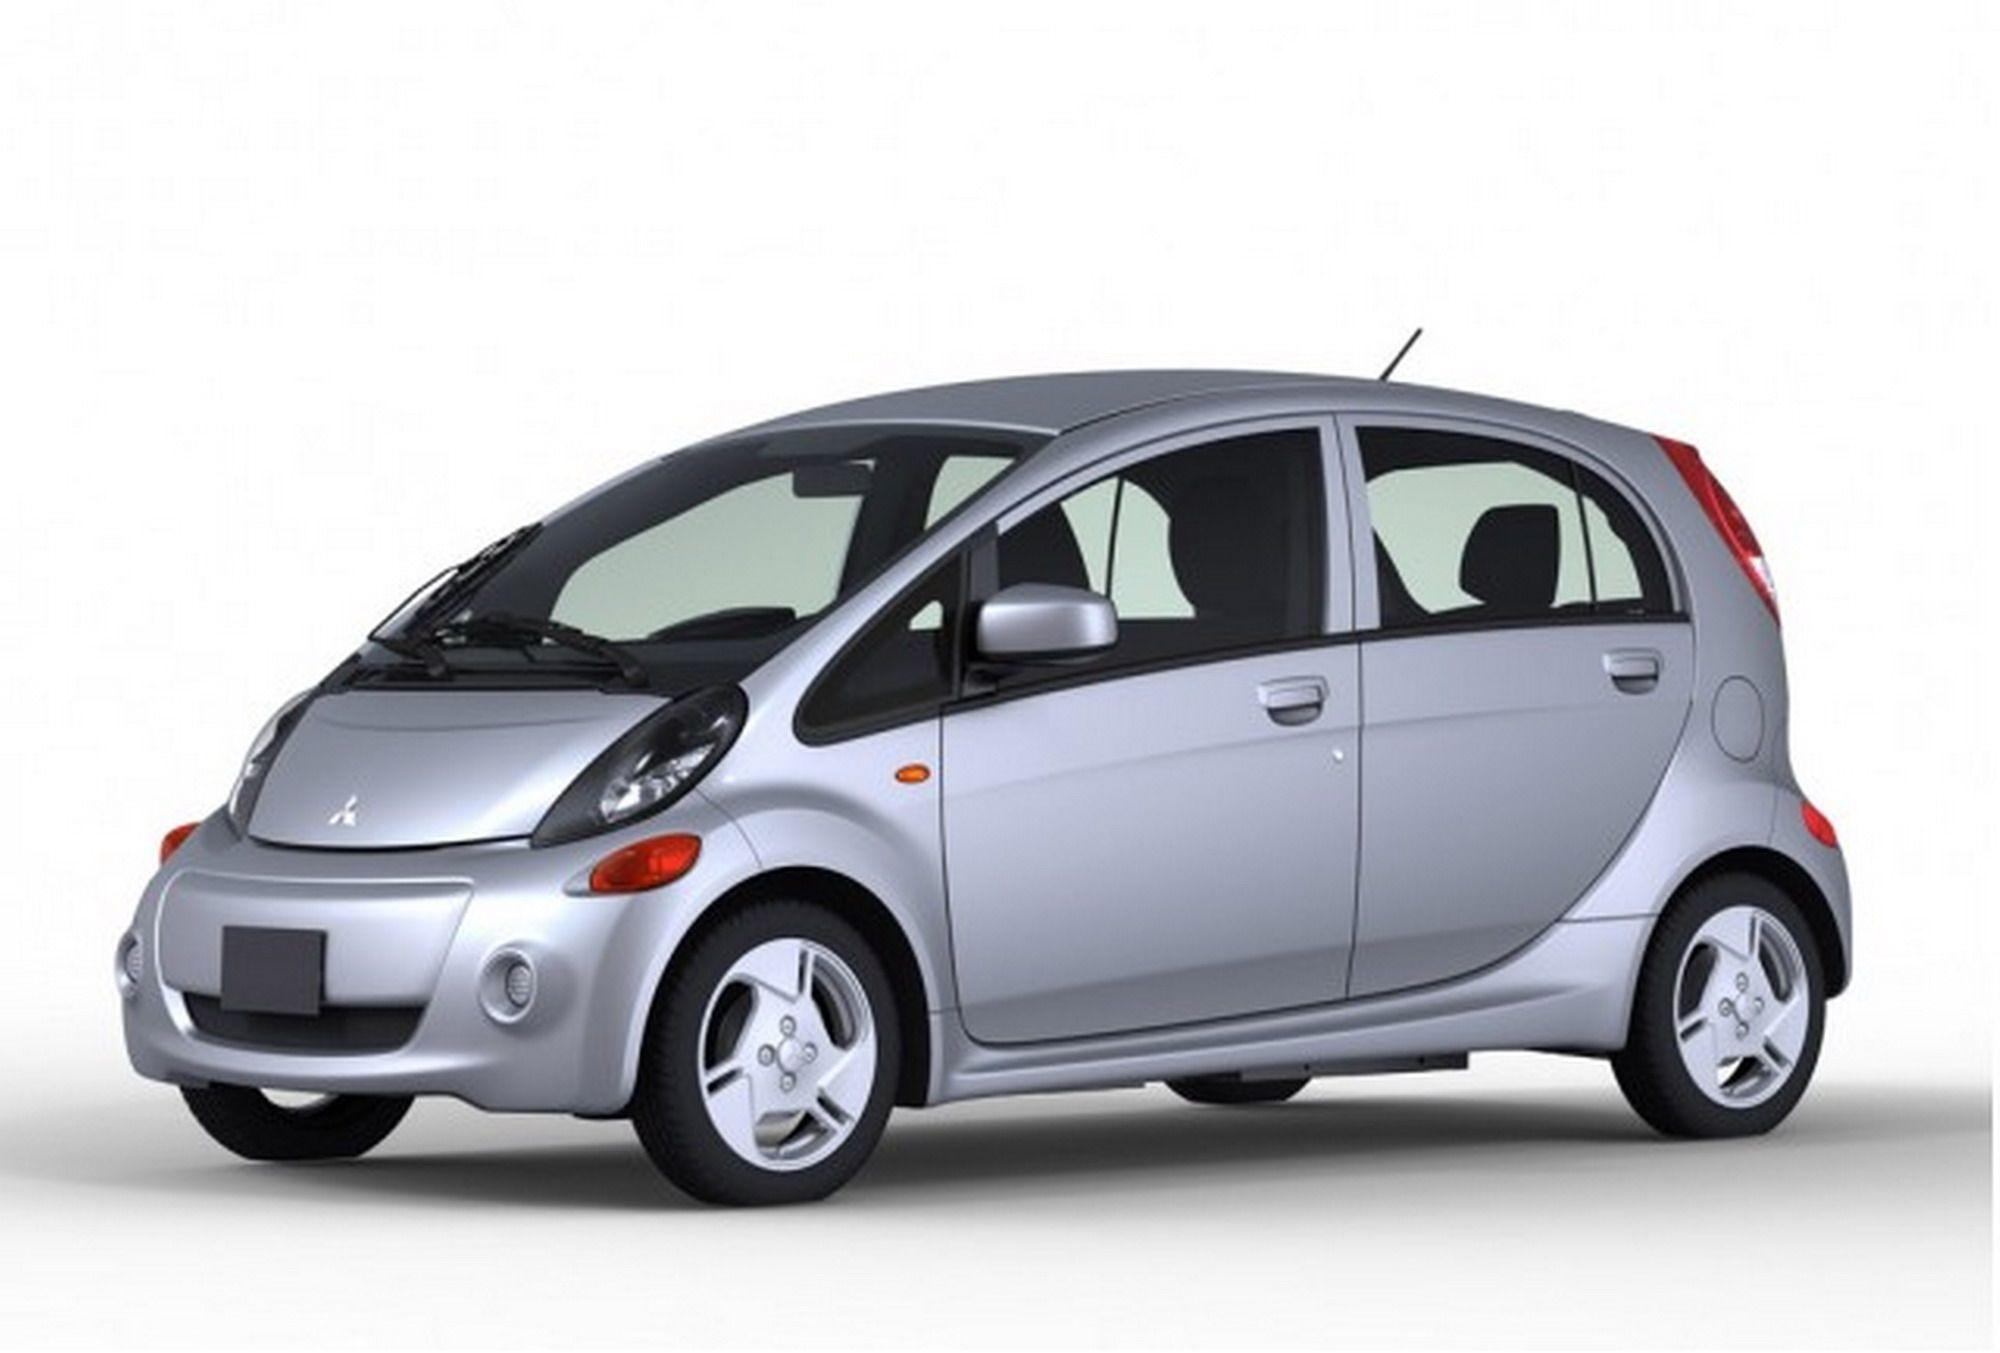 Mitsubishi I Rear Wheel Drive Compact Car Company Mitsubishi Motors Made Based On The Smart Fortwo Available Since Mitsubishi I Mitsubishi Cars Mitsubishi